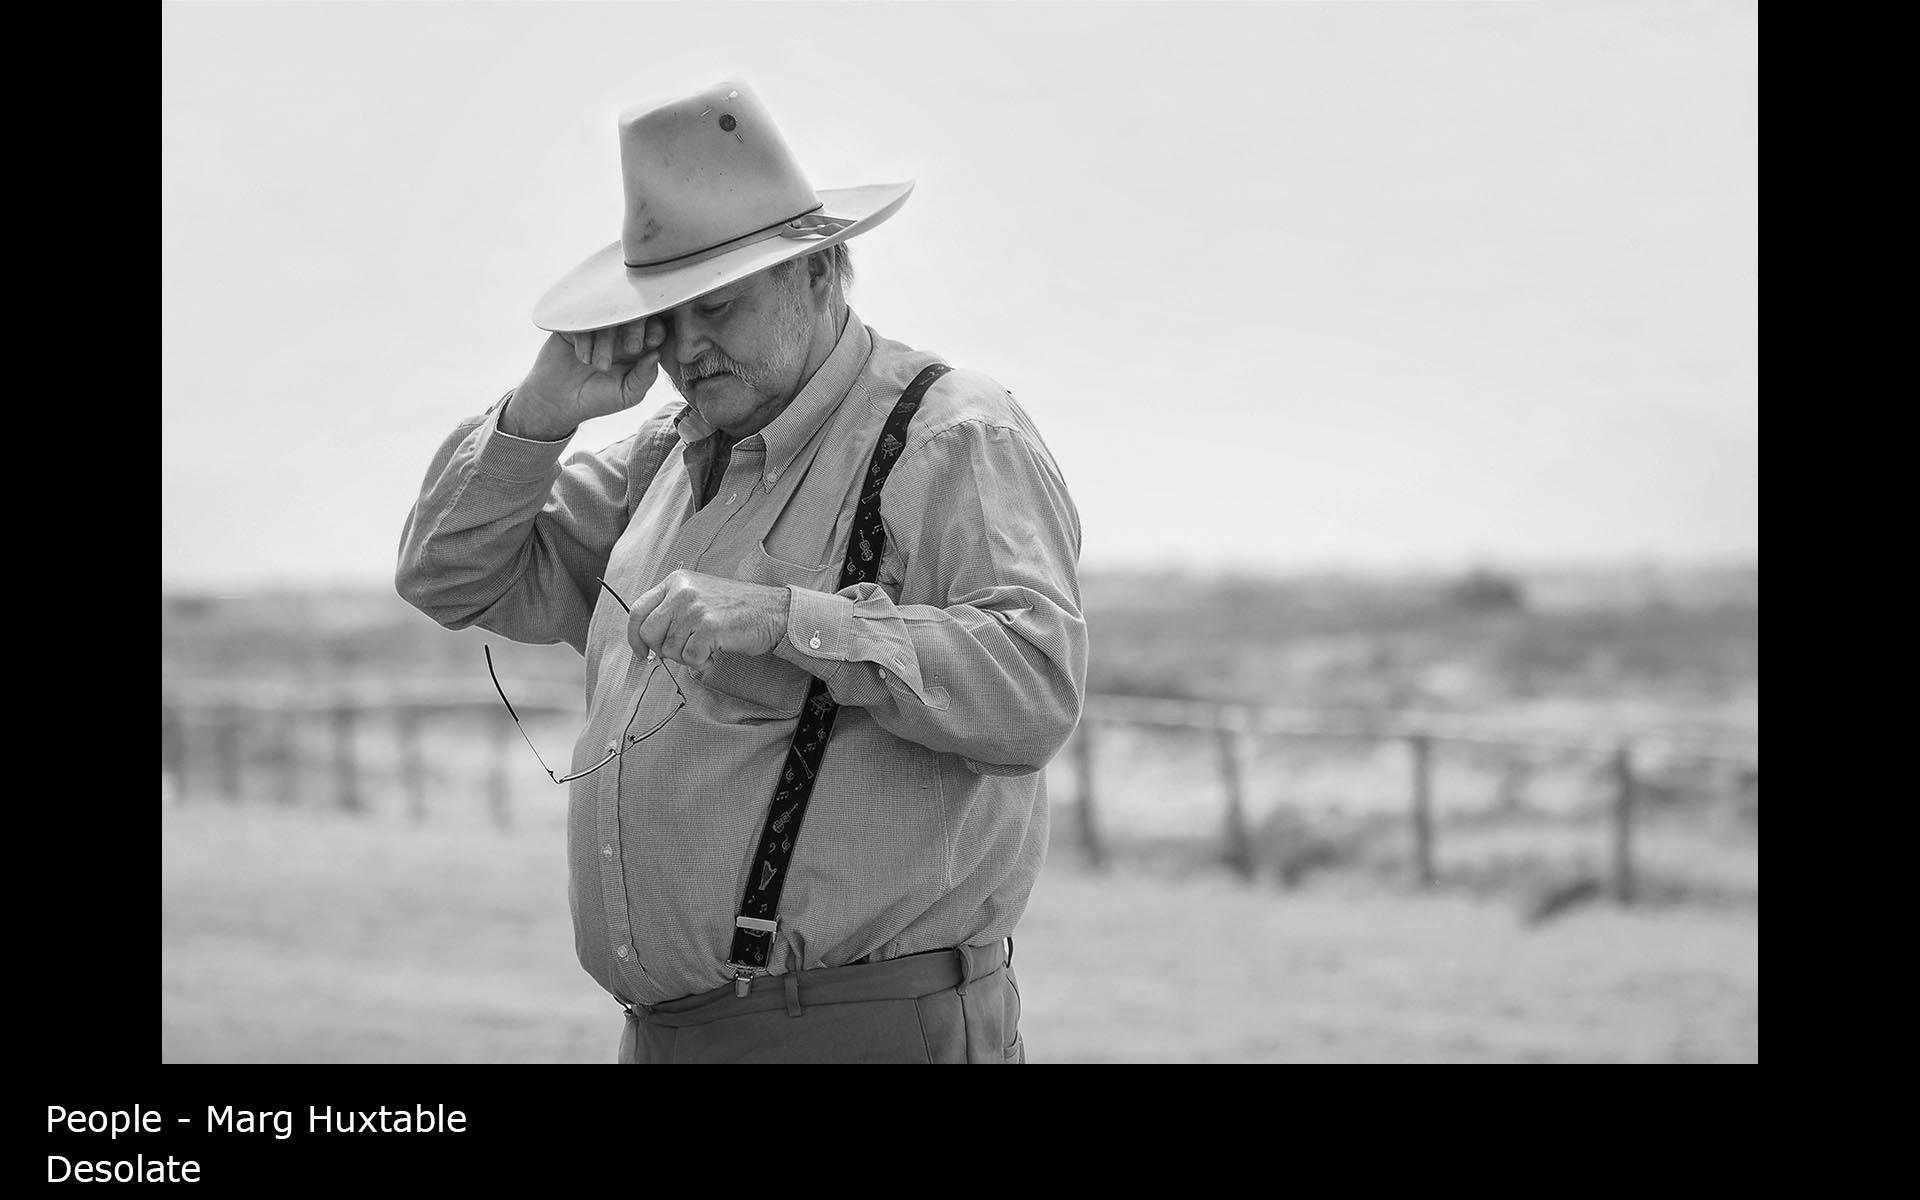 Desolate - Marg Huxtable